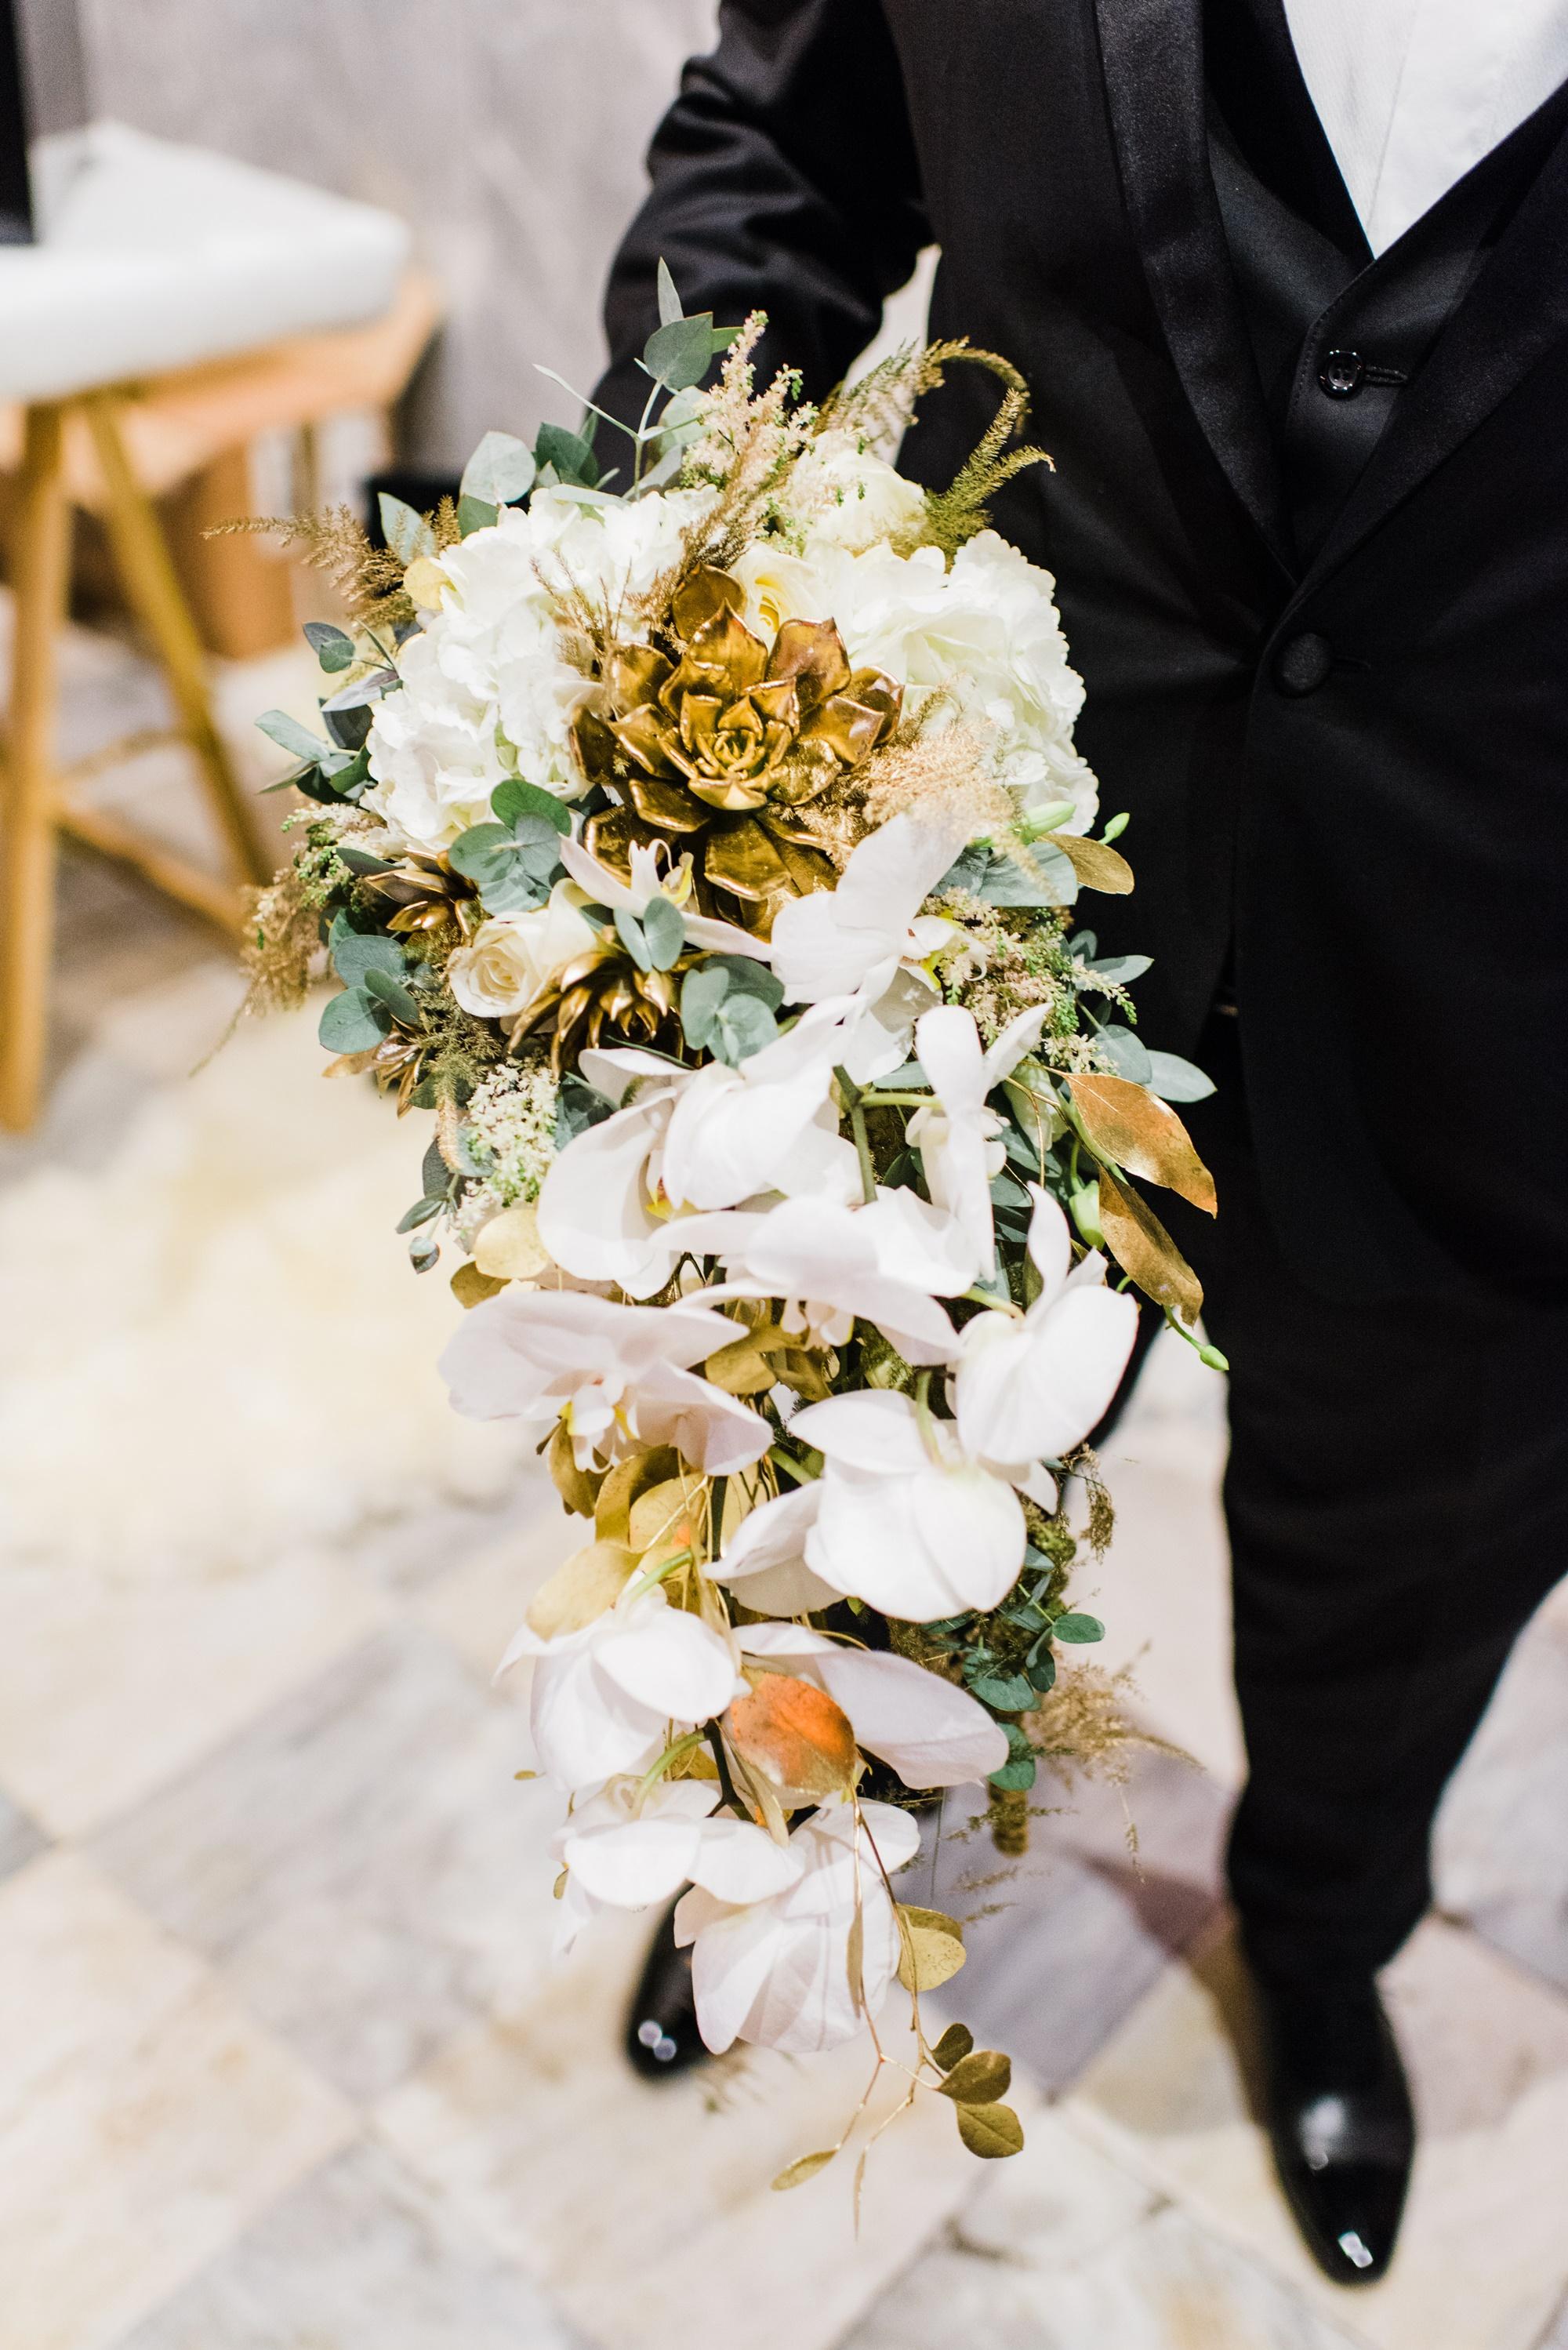 εντυπωσιακή νυφική ανθοδέσμη με λευκά λουλούδια